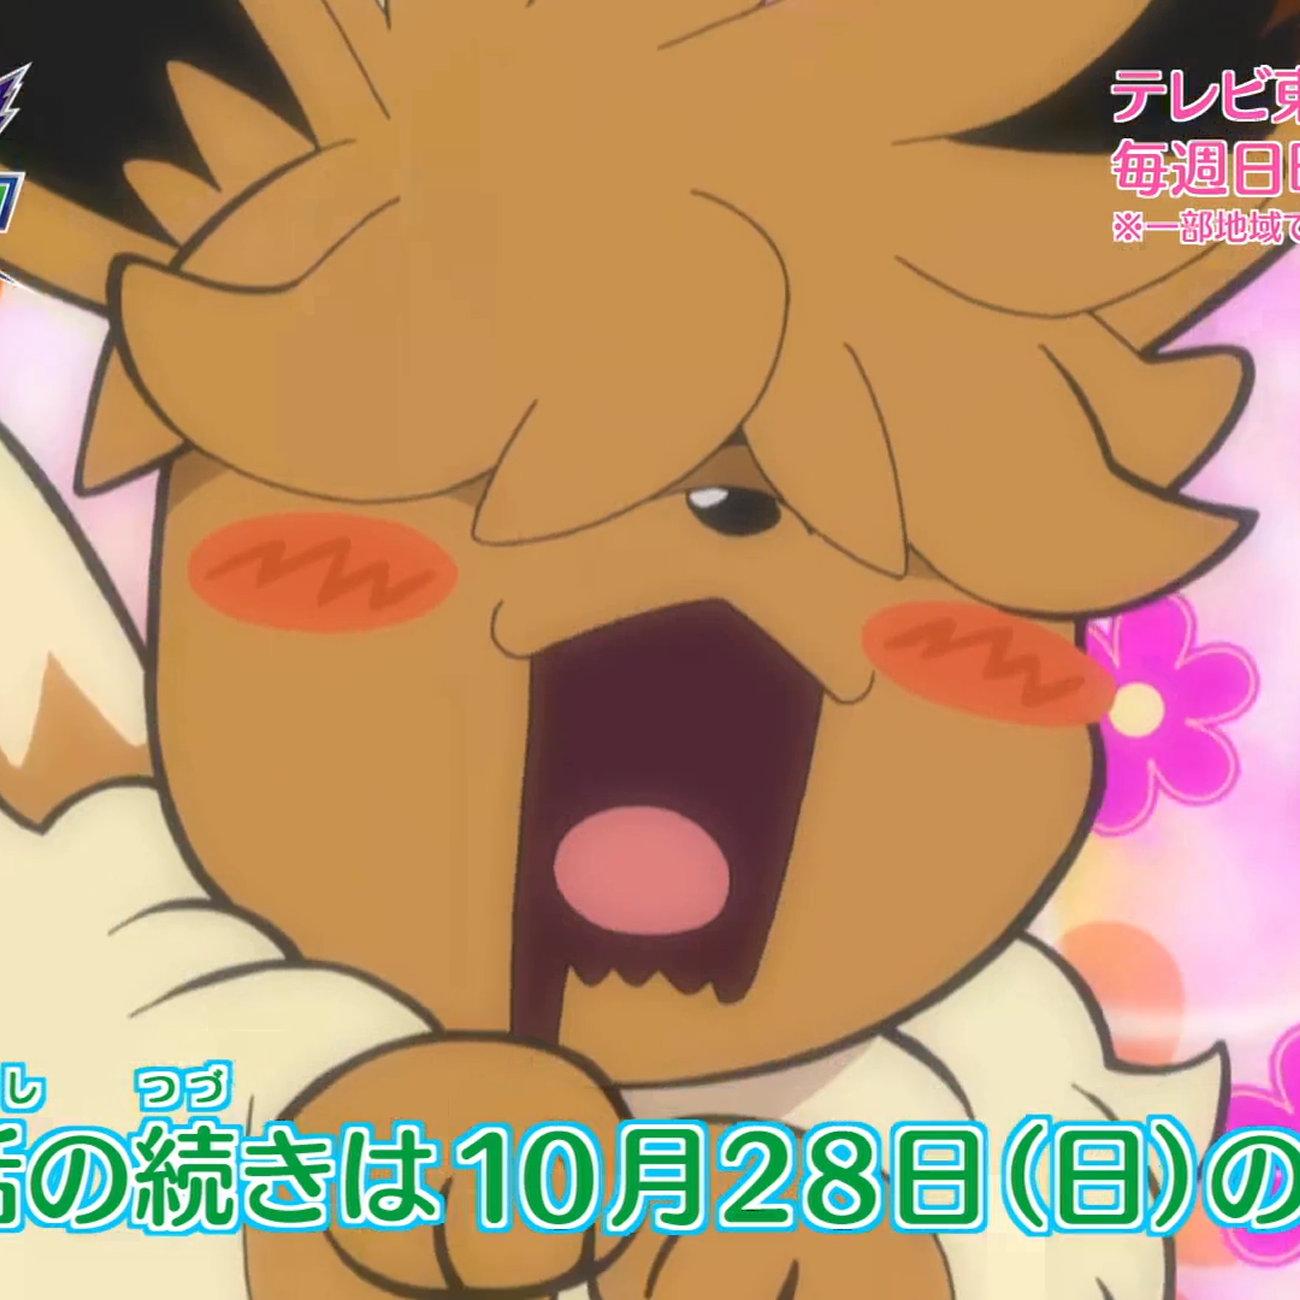 ポケモンアニメ、「イーブイどこいくの」第1話が期間限定